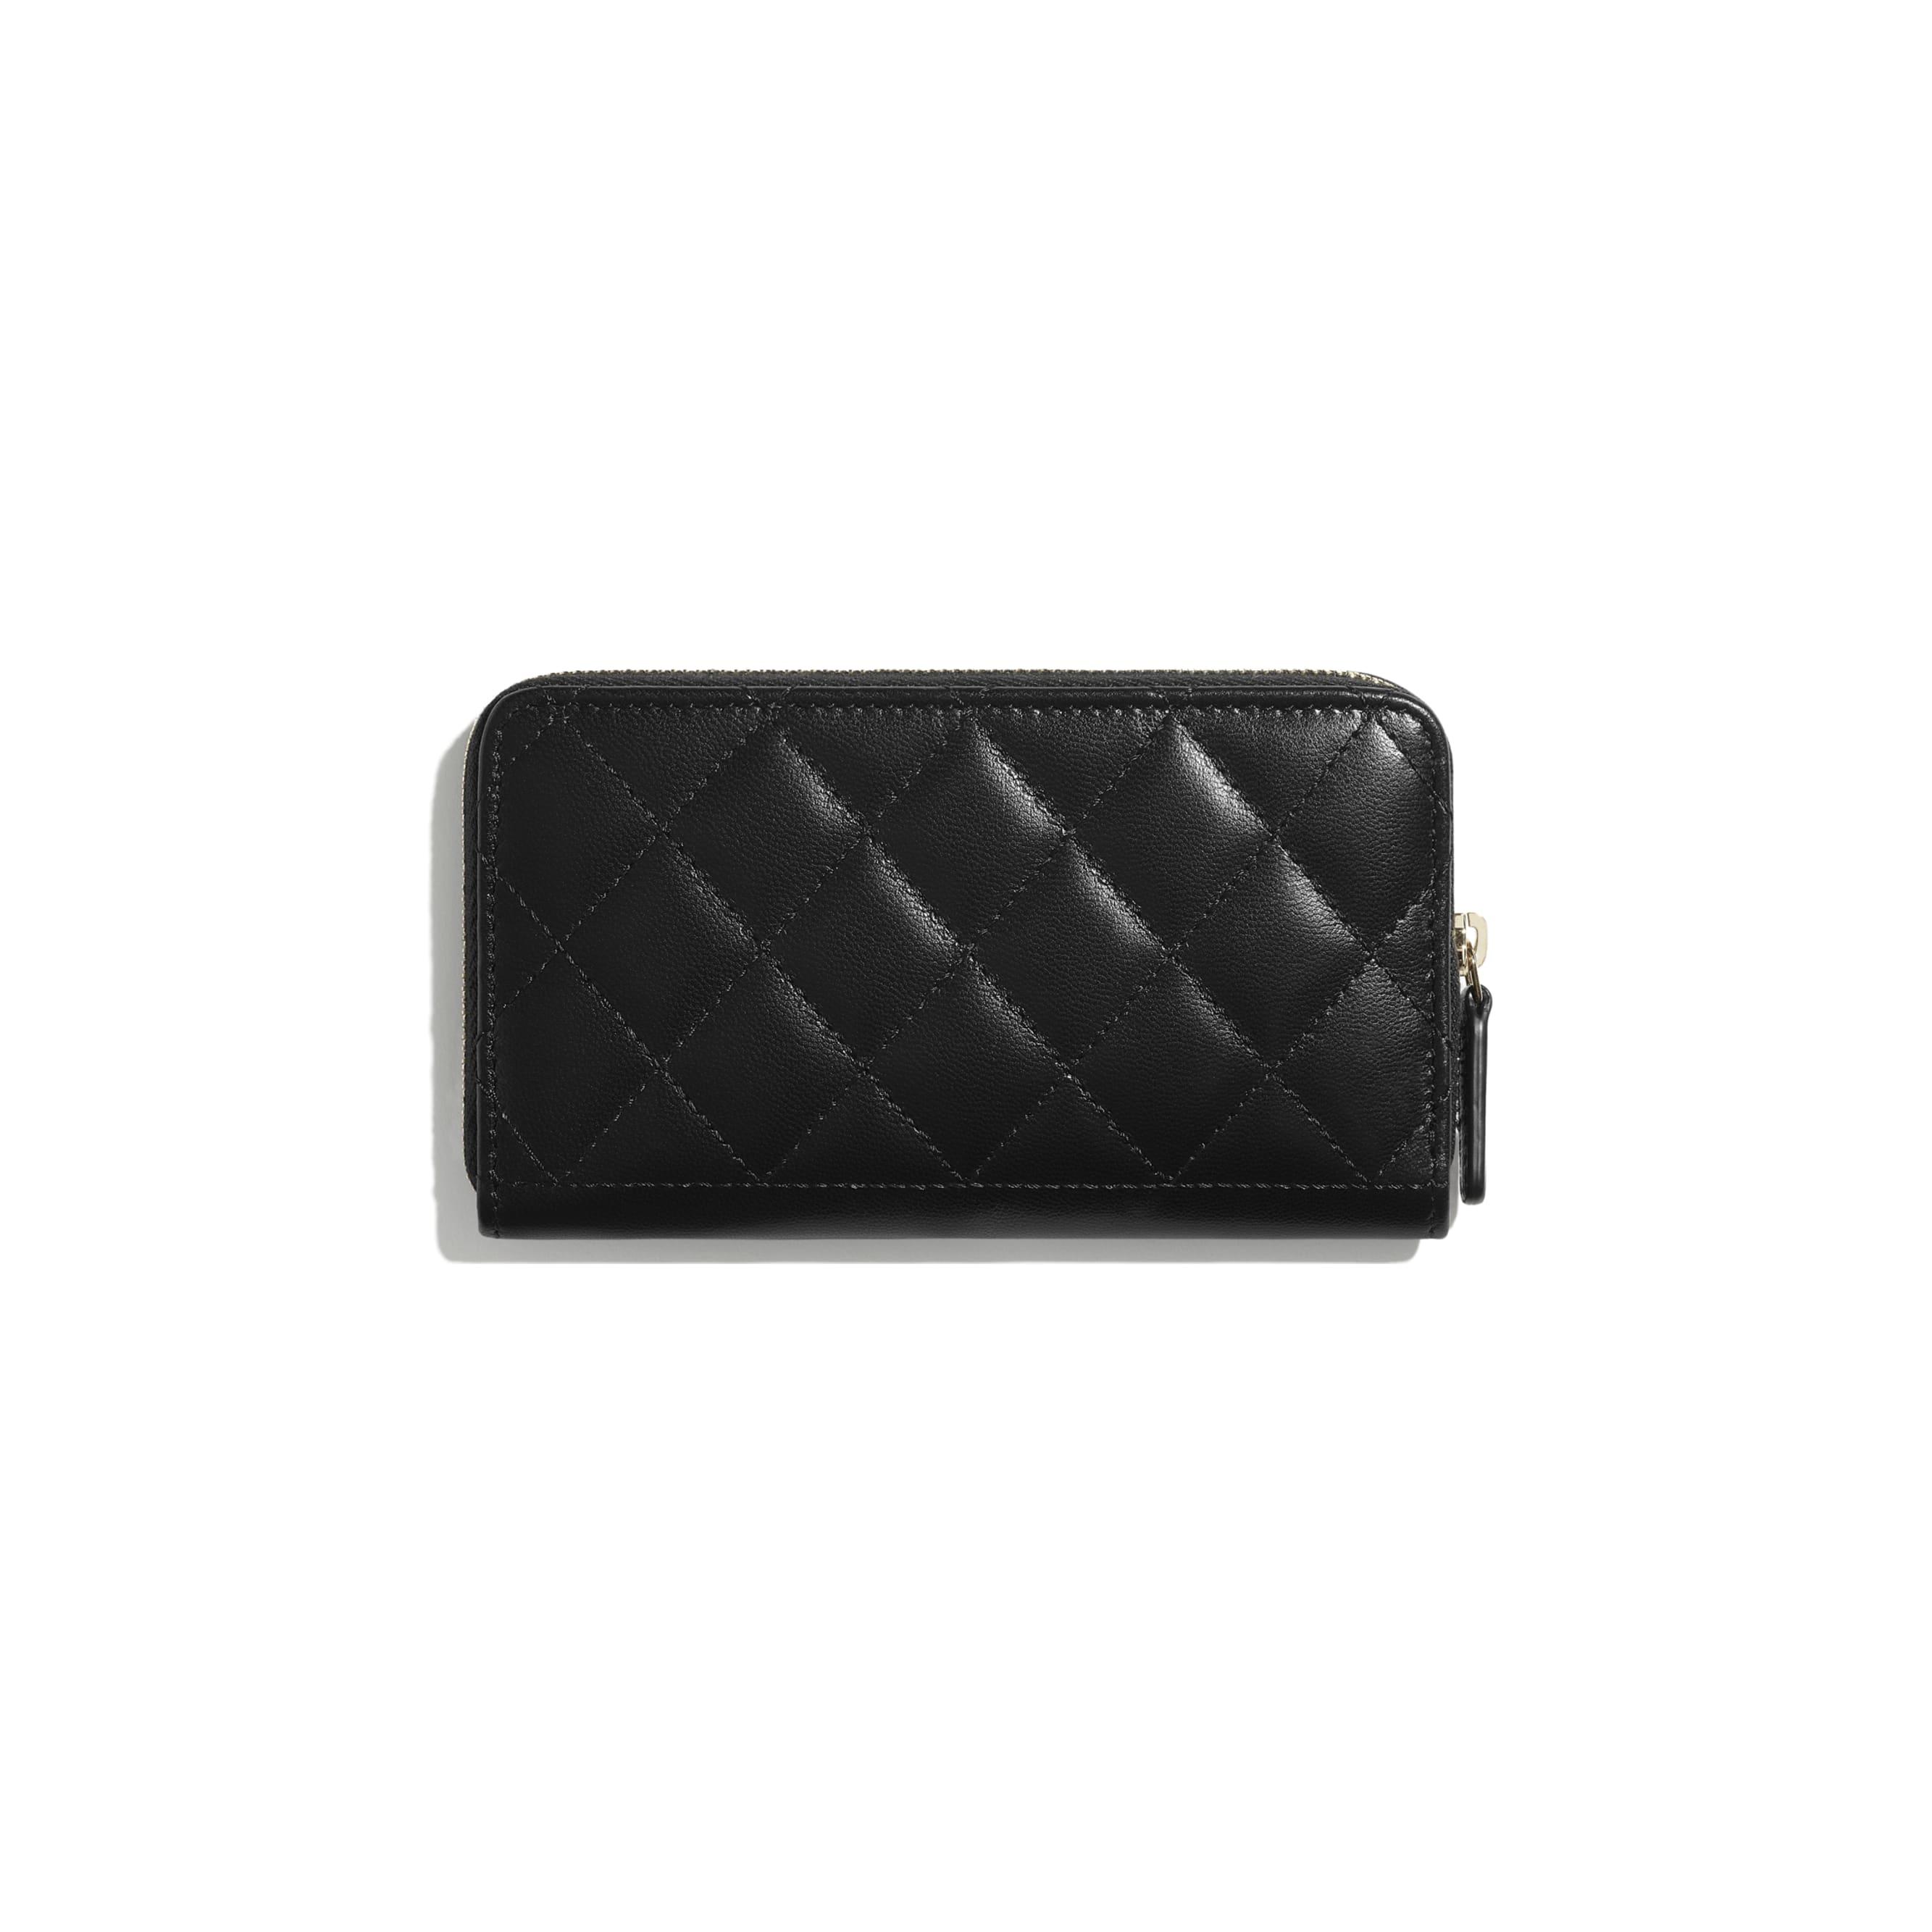 Brieftasche mit Reißverschluss - Schwarz - Ziegenleder & goldfarbenes Metall - CHANEL - Alternative Ansicht - Standardgröße anzeigen